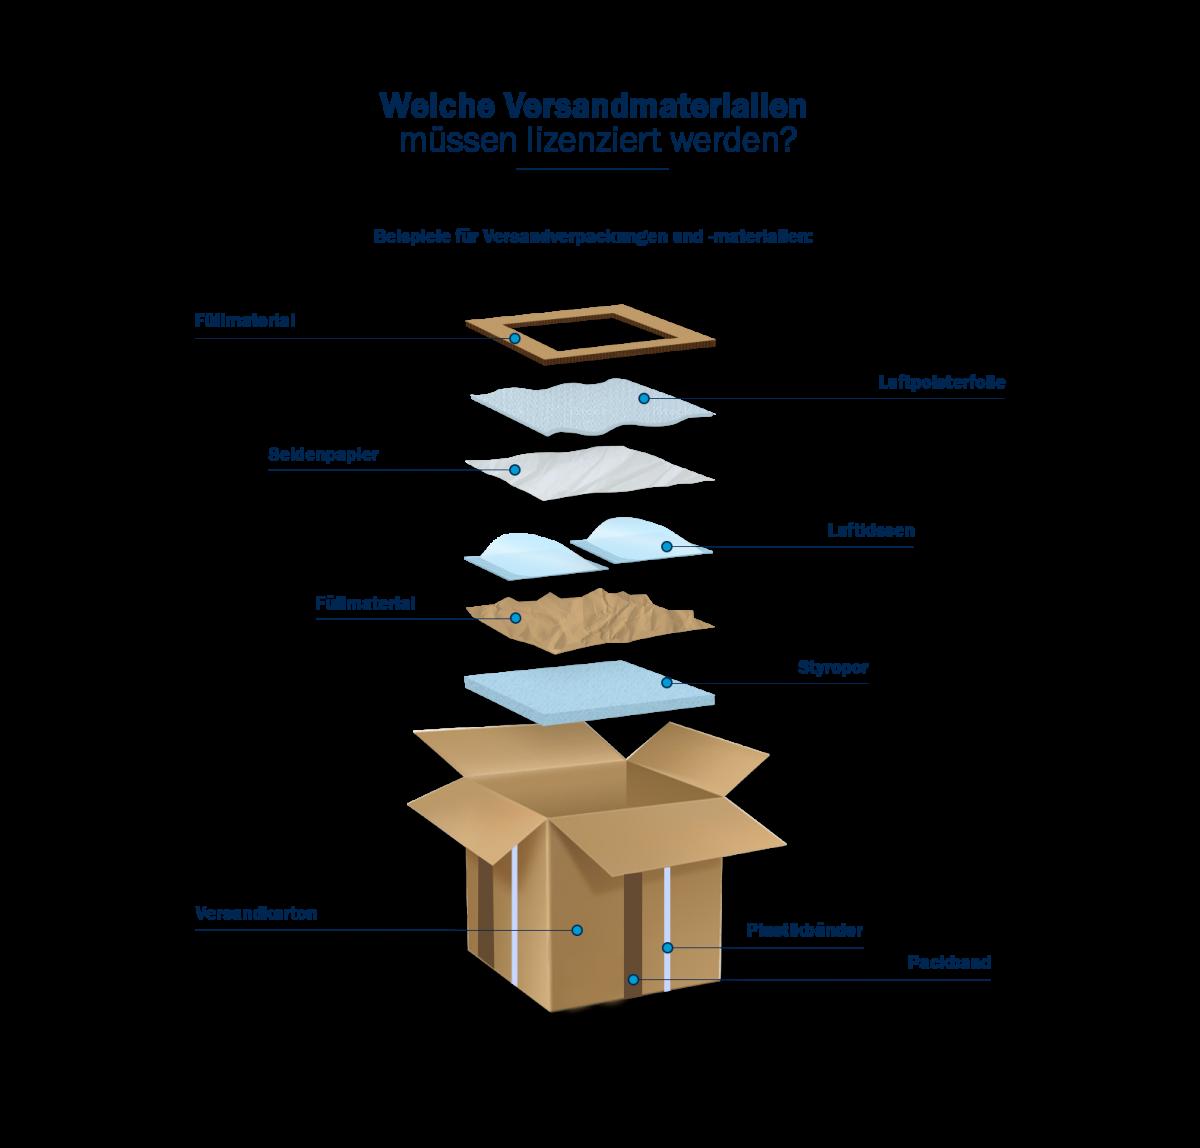 Welche Versandmaterialien müssen durch VerpackG lizenziert werden?